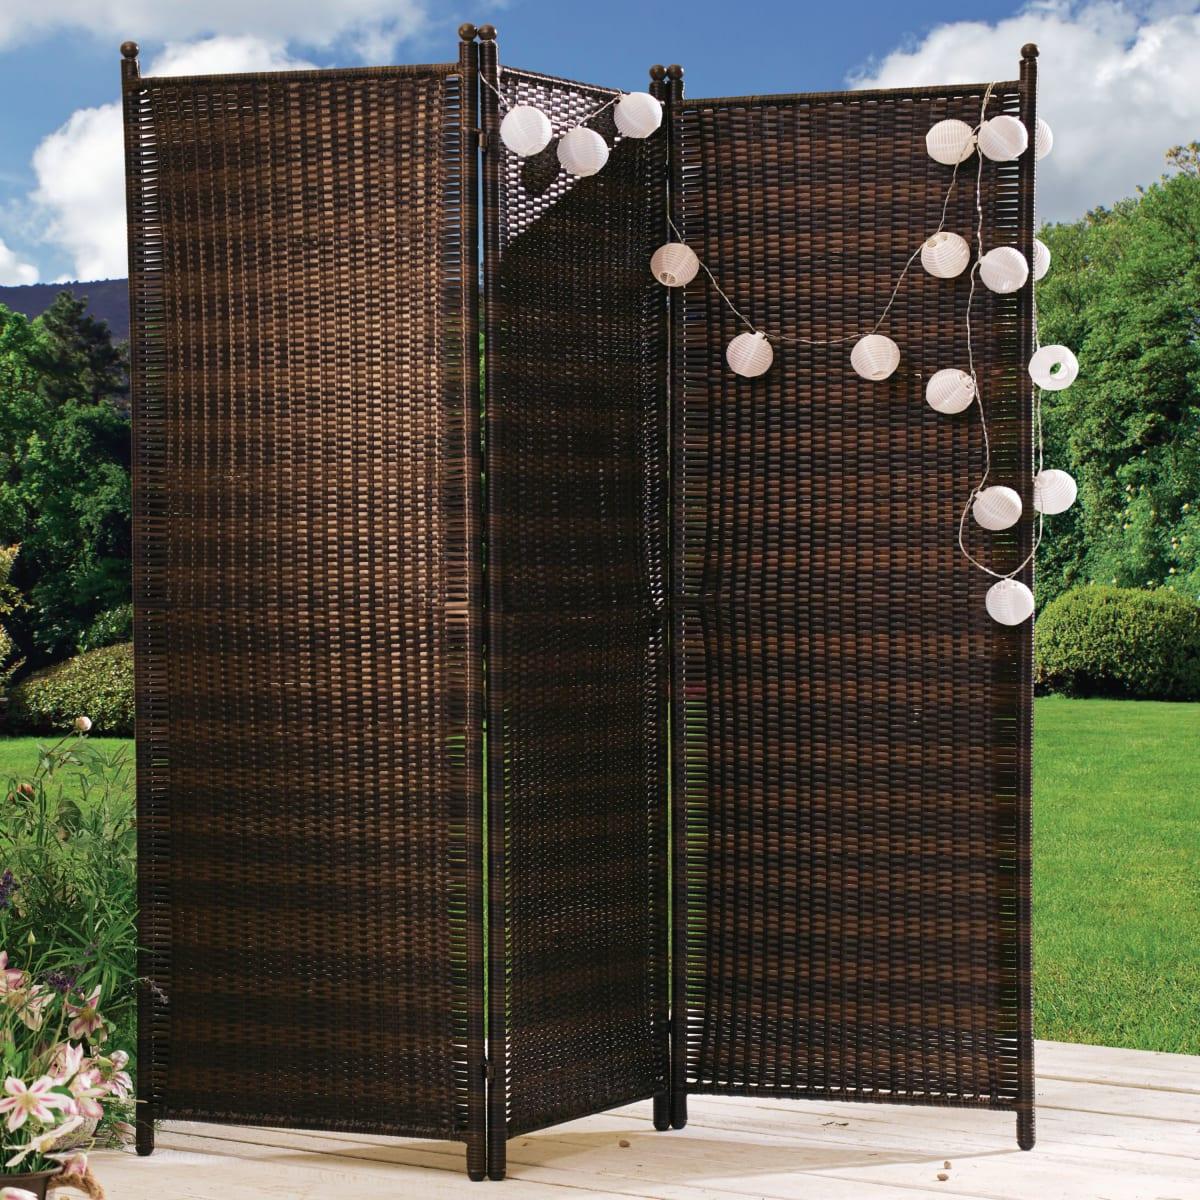 Full Size of Outdoor Paravent Anthrazit Ikea Terrasse Shades Of Venice 2m Hoch Küche Edelstahl Kaufen Garten Wohnzimmer Outdoor Paravent